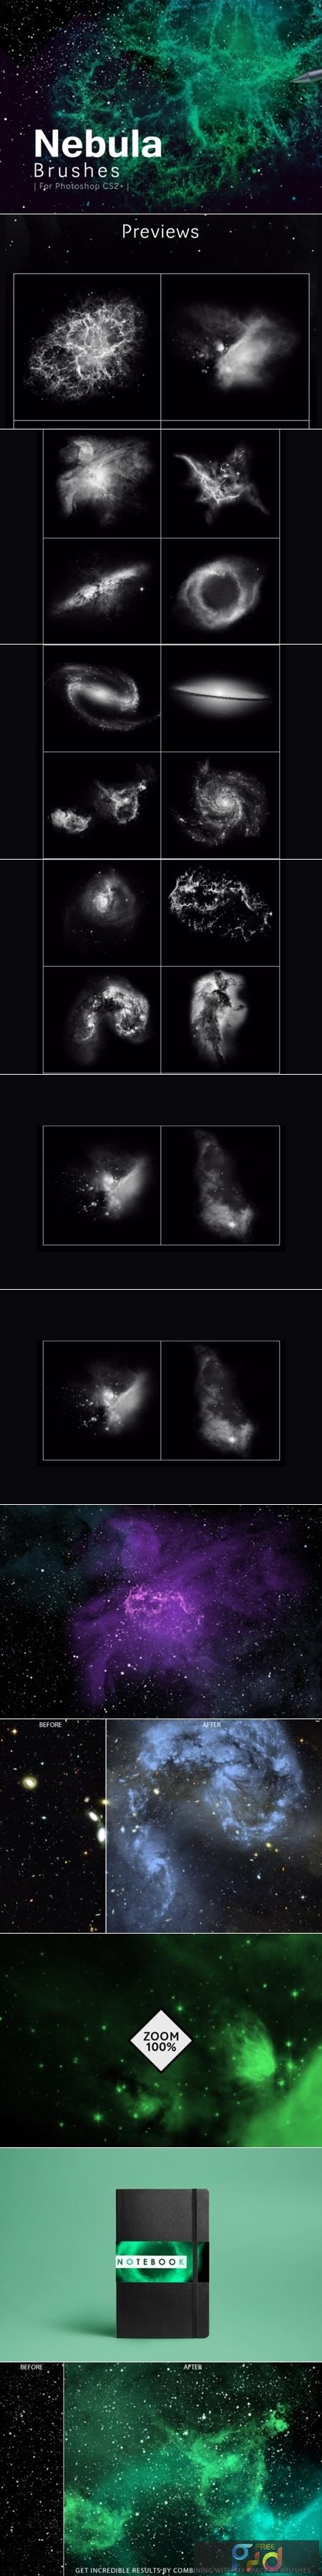 Nebula Photoshop Brushes 1730177 1